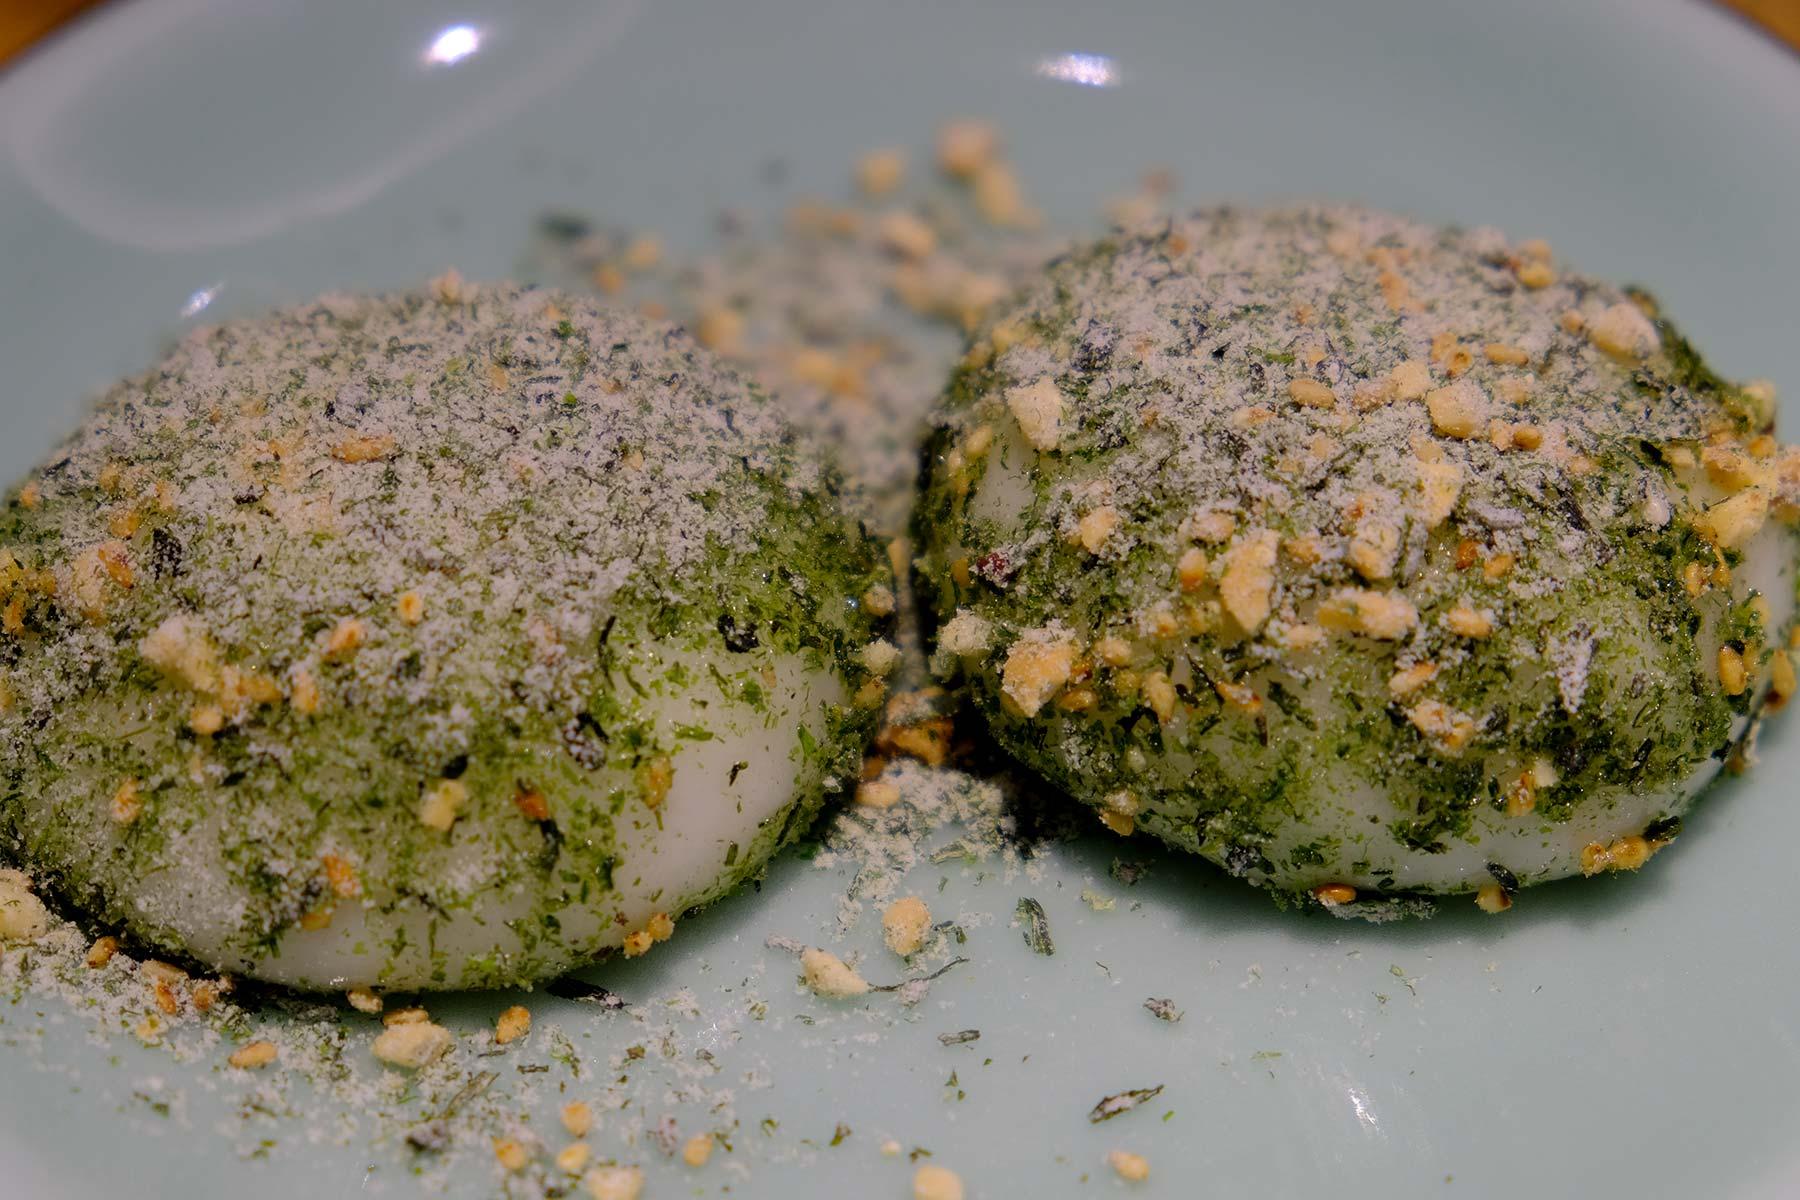 Klebreiskuchen mit Seetang und Zucker in Ningbo, China